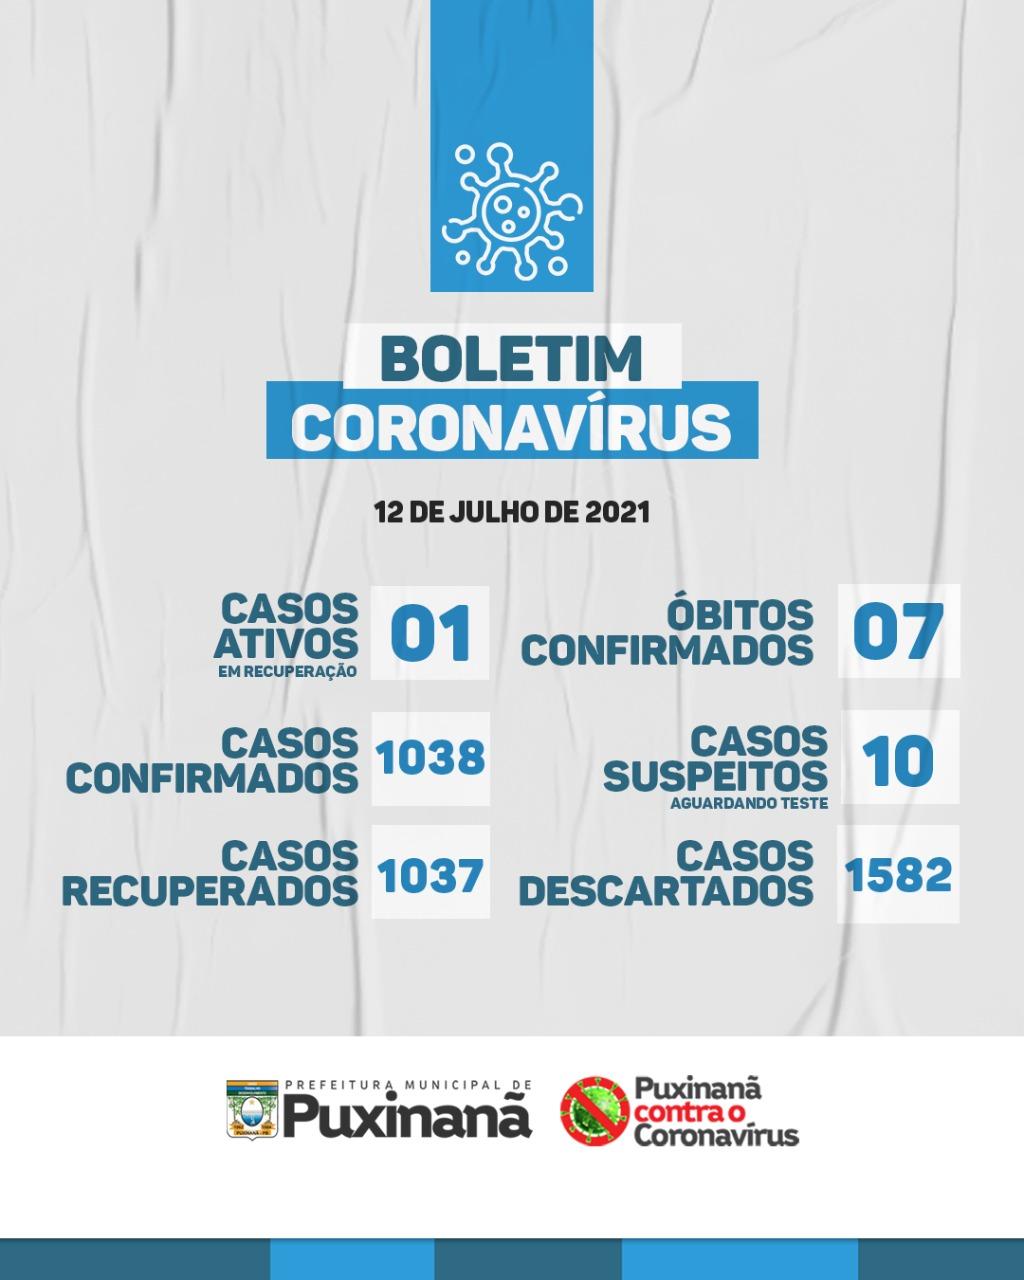 Boletim epidemiológico atualizado, em: 12/07/2021